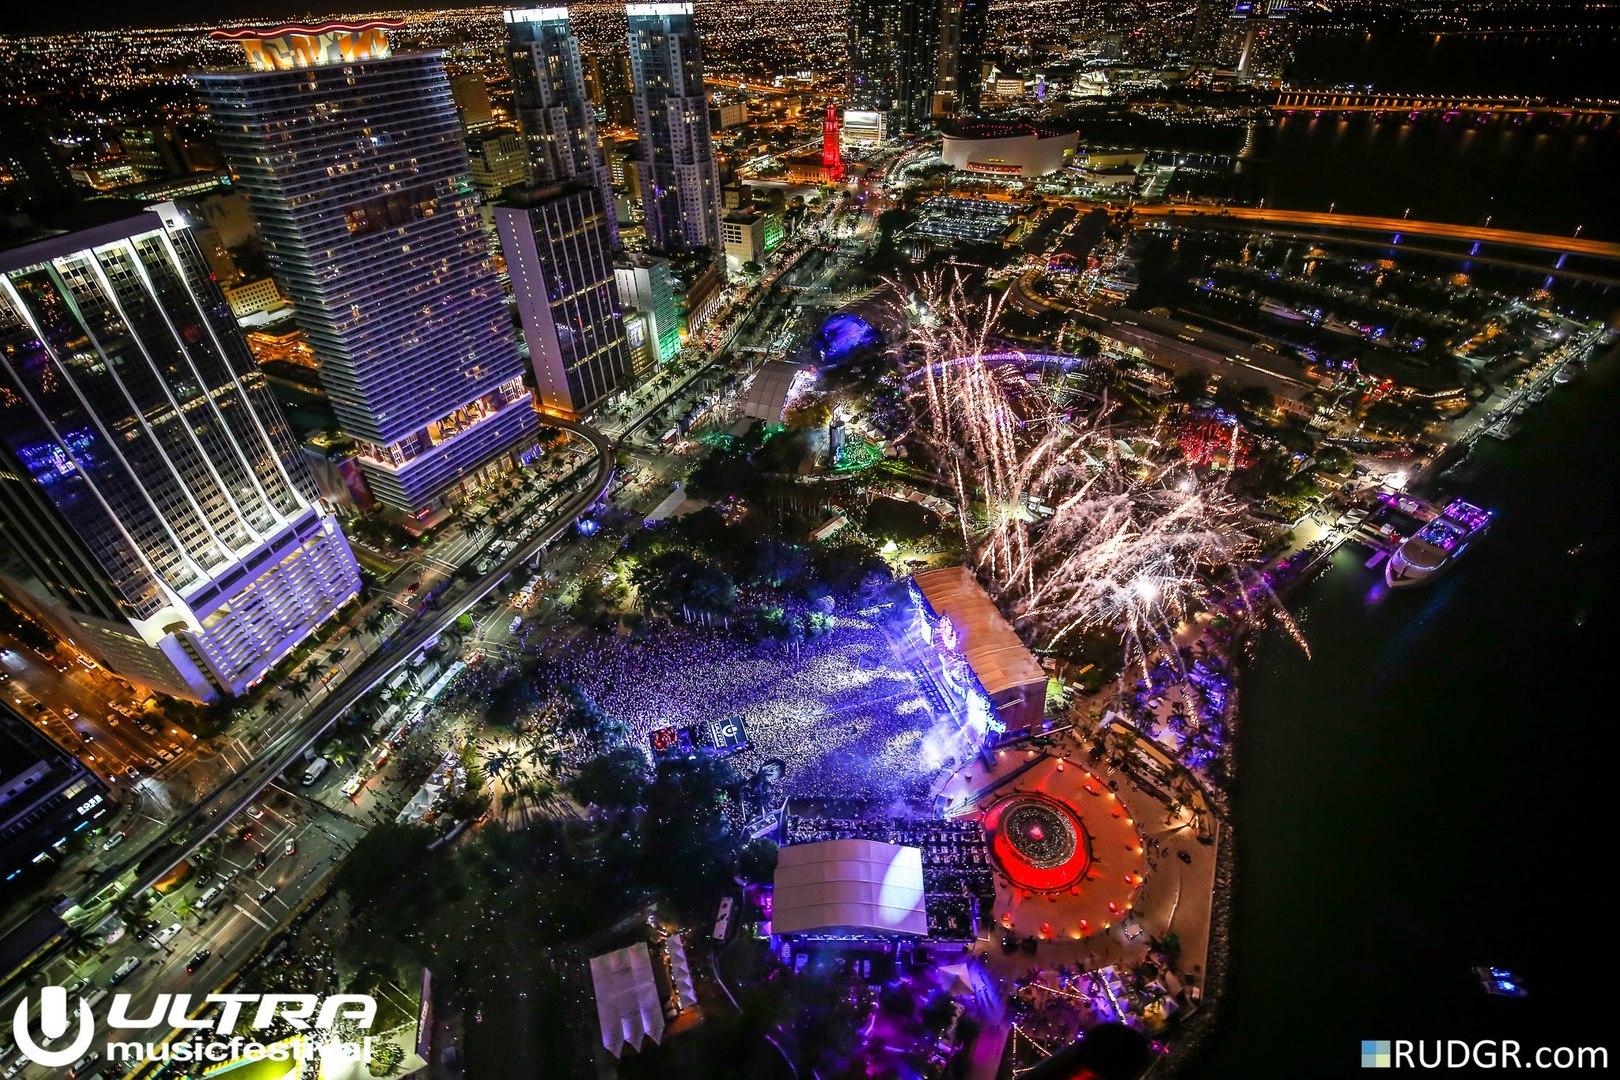 Martin Garrix @ Ultra Music Festival Miami (2015)